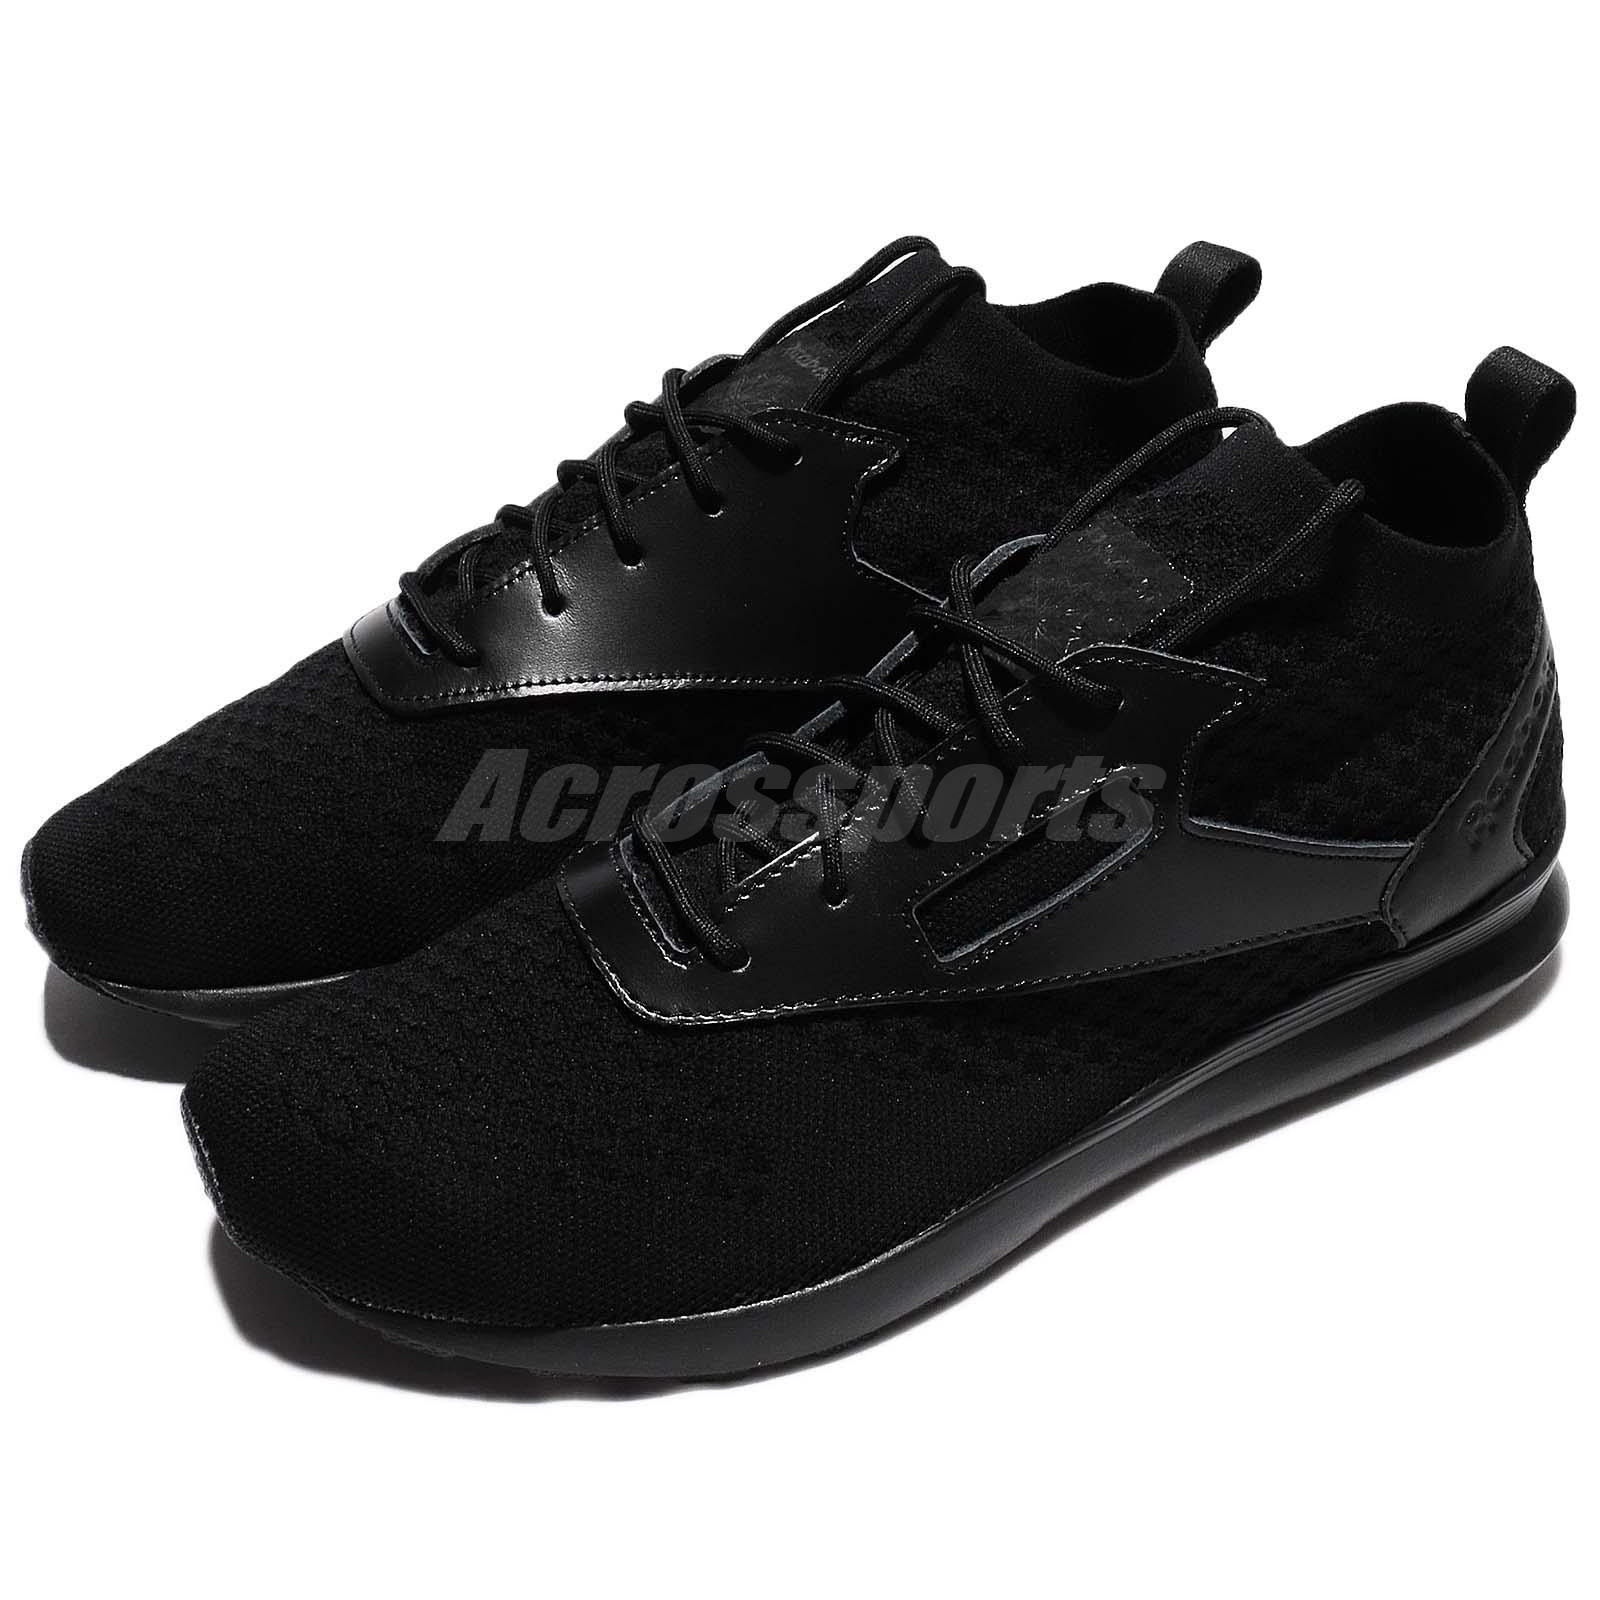 79a48e637dc Details about Reebok Zoku Runner ULTK Lux UltraKnit Triple Black Men Running  Shoes BS6307